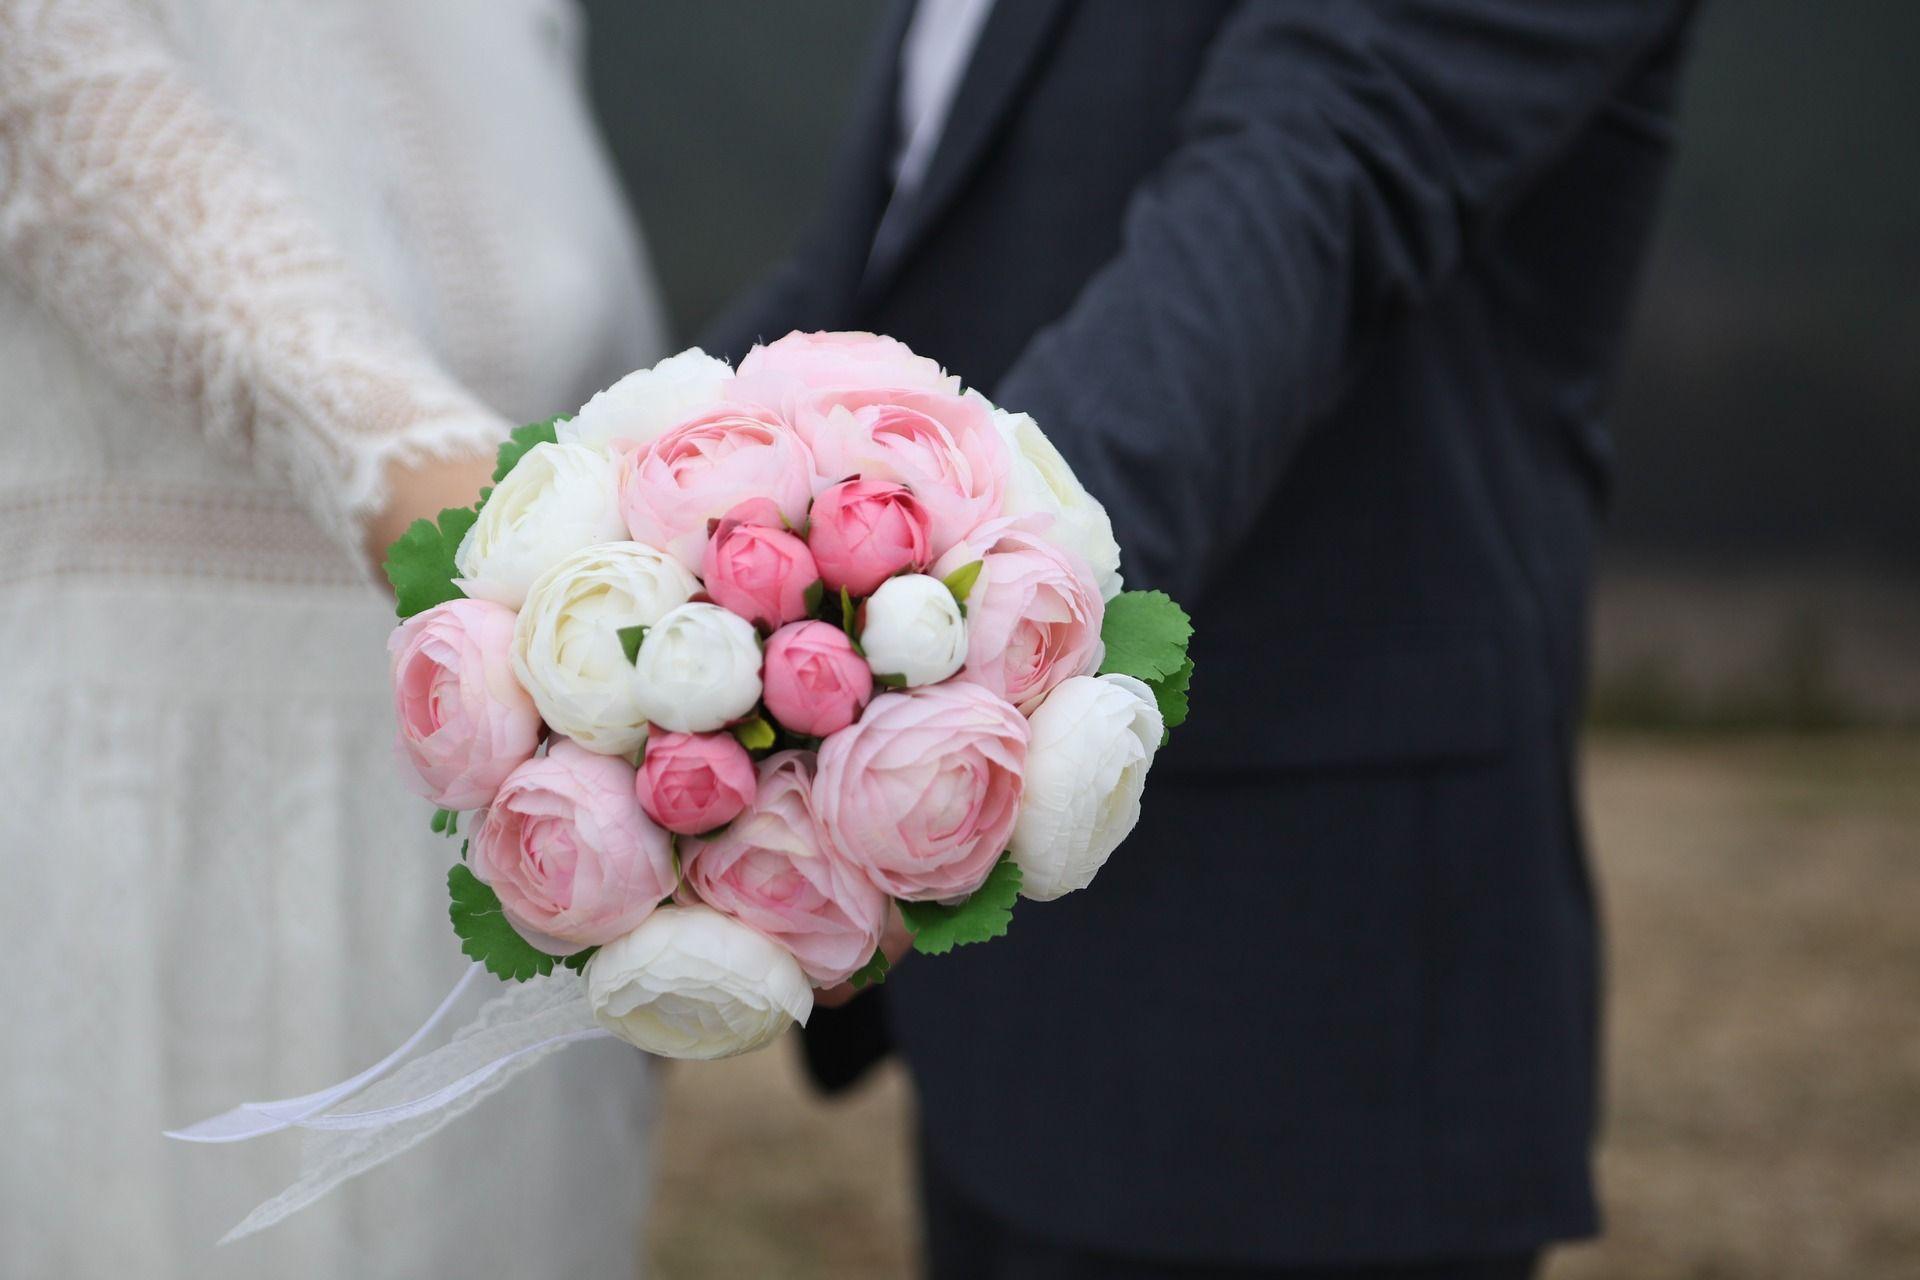 Bukiety Slubne Inspiracje 2017 Najpiekniejsze Bukiety Slubne I Kwiaty Do Dekoracji Kosciola I Sali Wedding Bouquets Moissanite Wedding Set Wedding Planner Uk